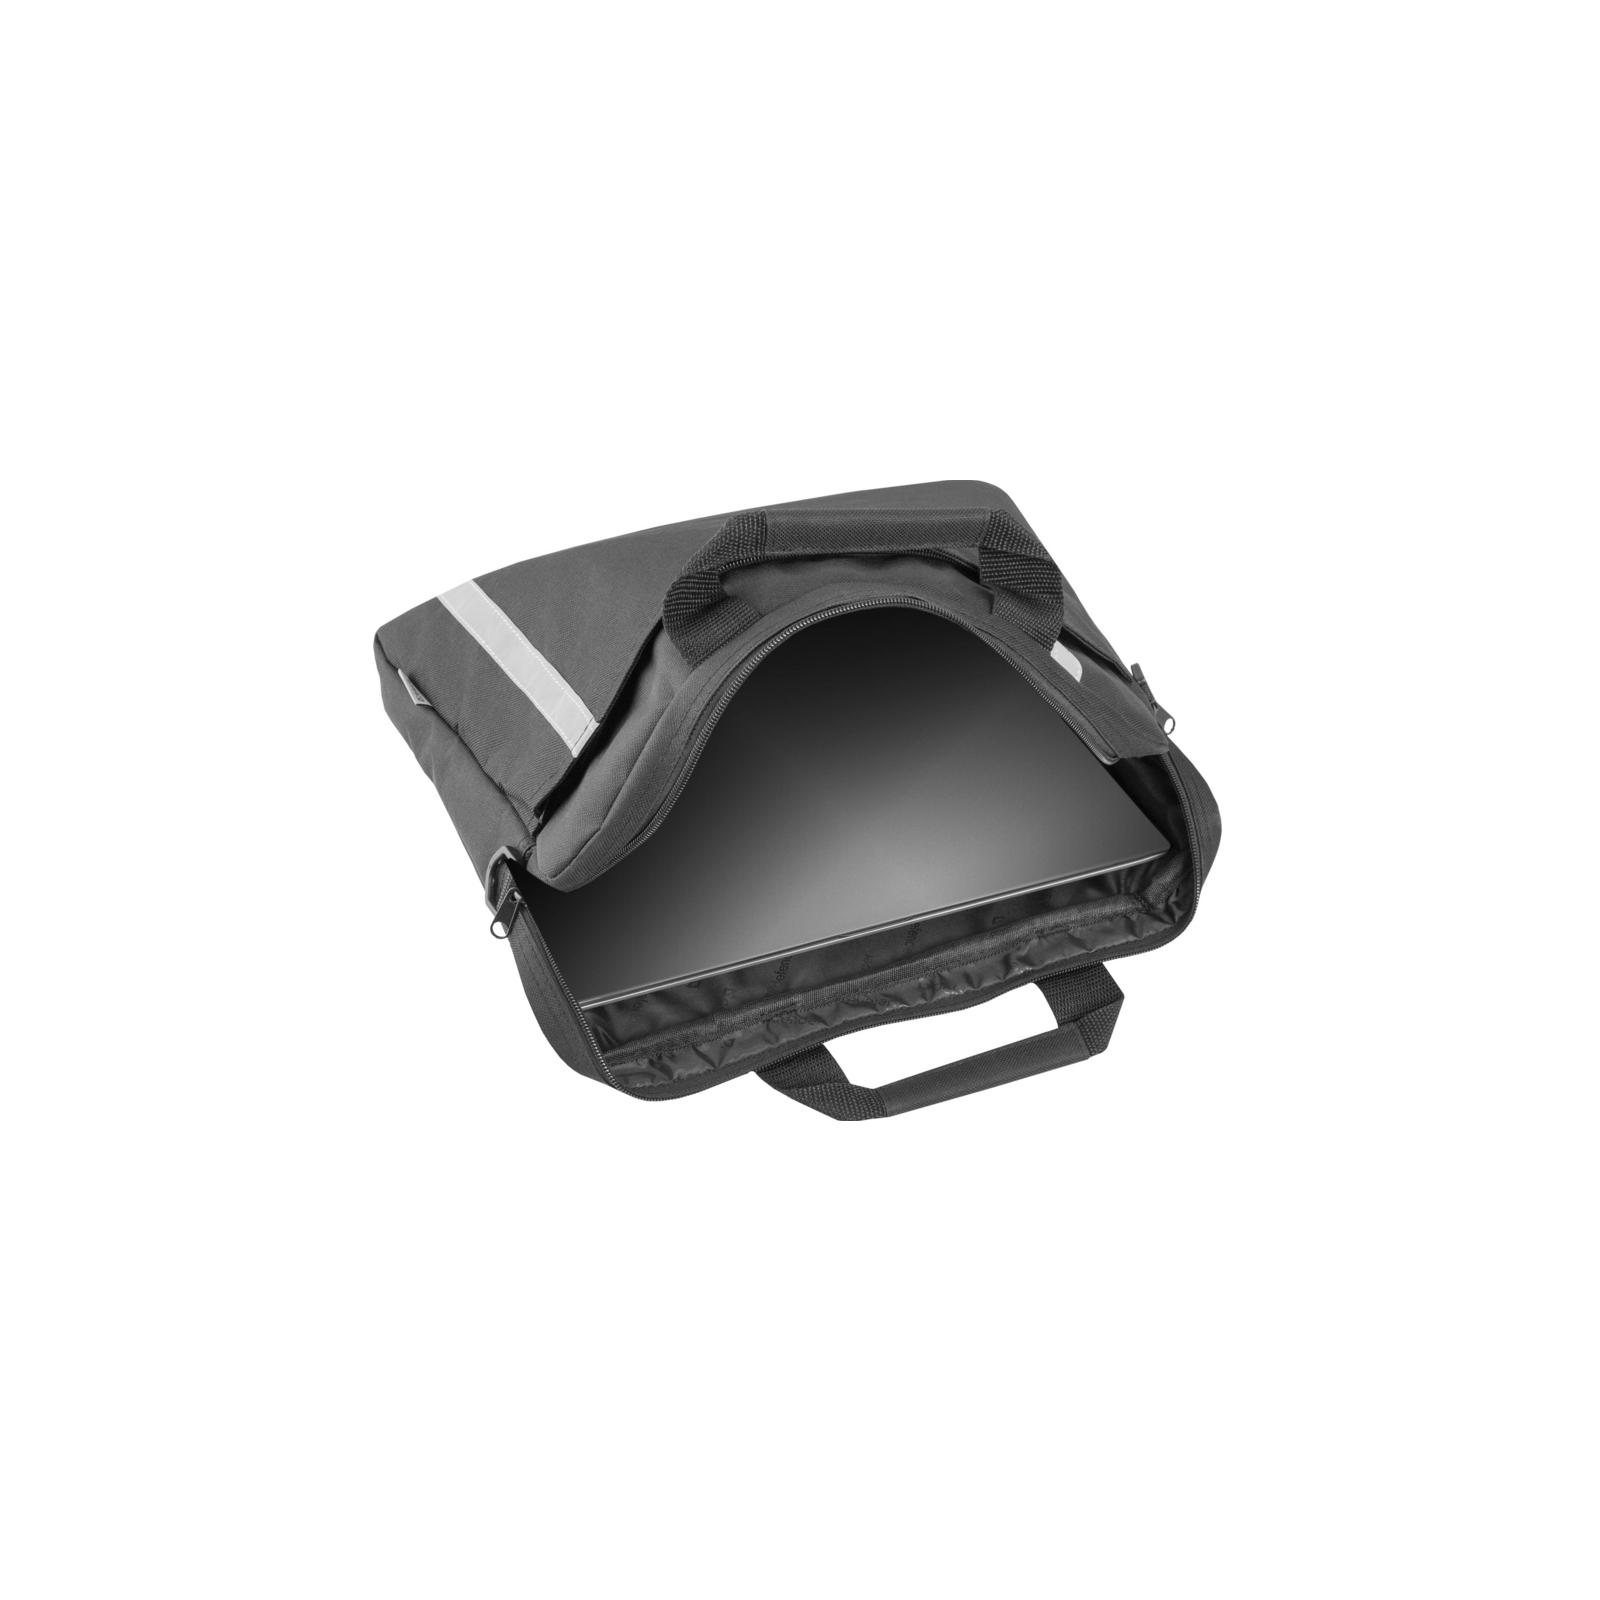 Сумка для ноутбука Defender Shiny (26097) изображение 5